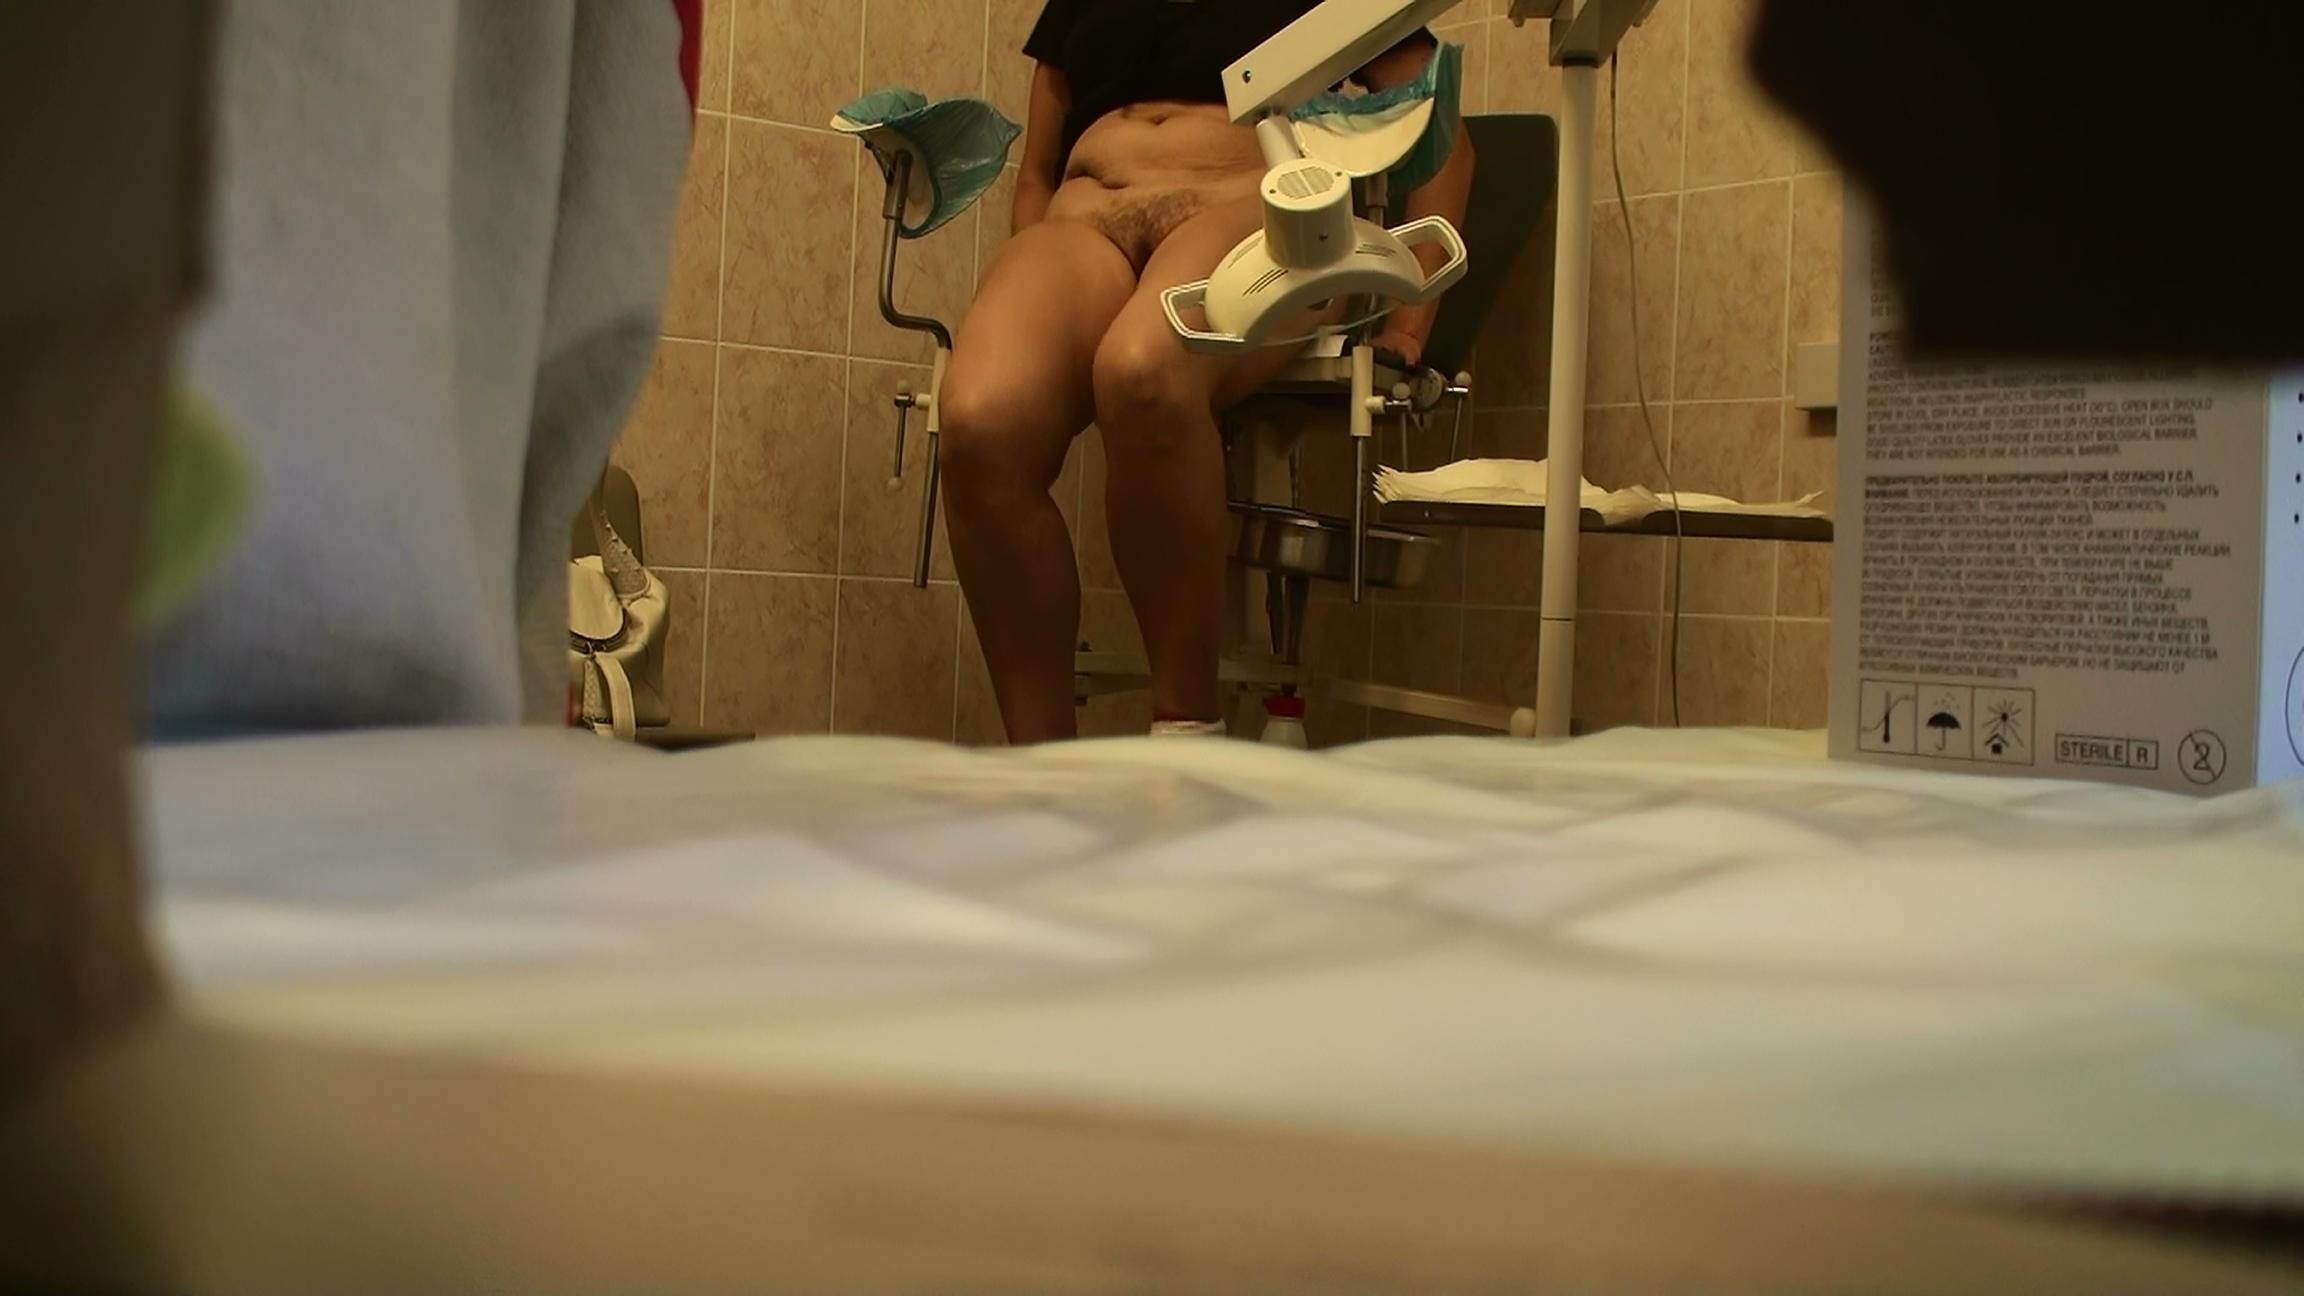 Писек зрелых скрытая камера гинеколог порно бегают эротика